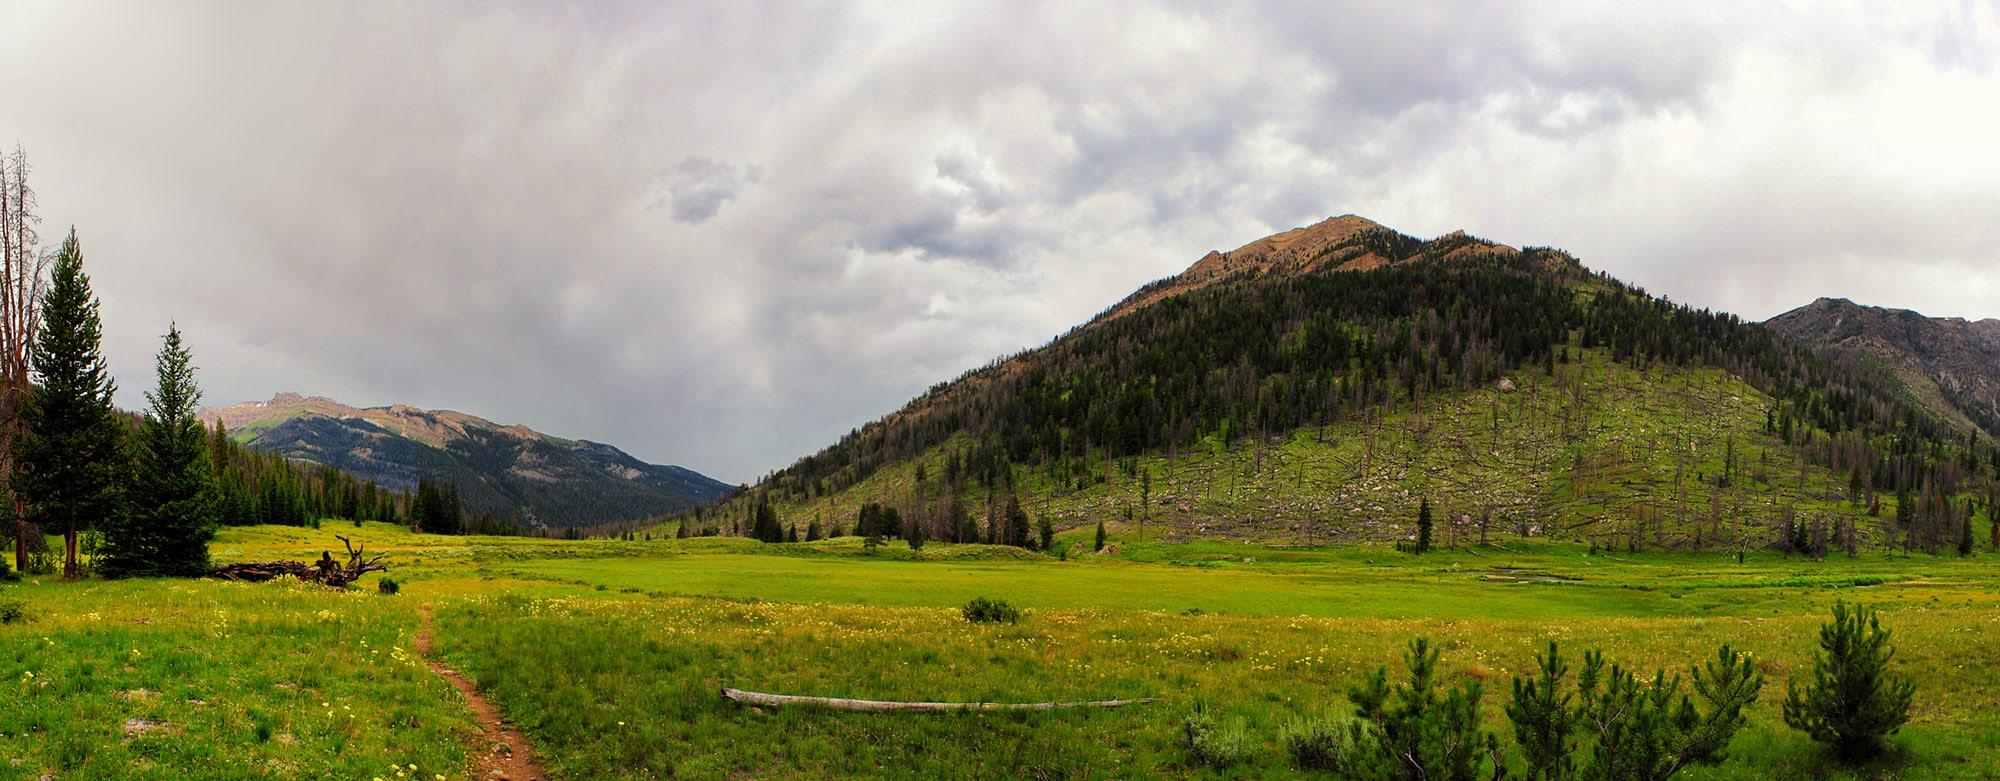 Clear Creek meadows